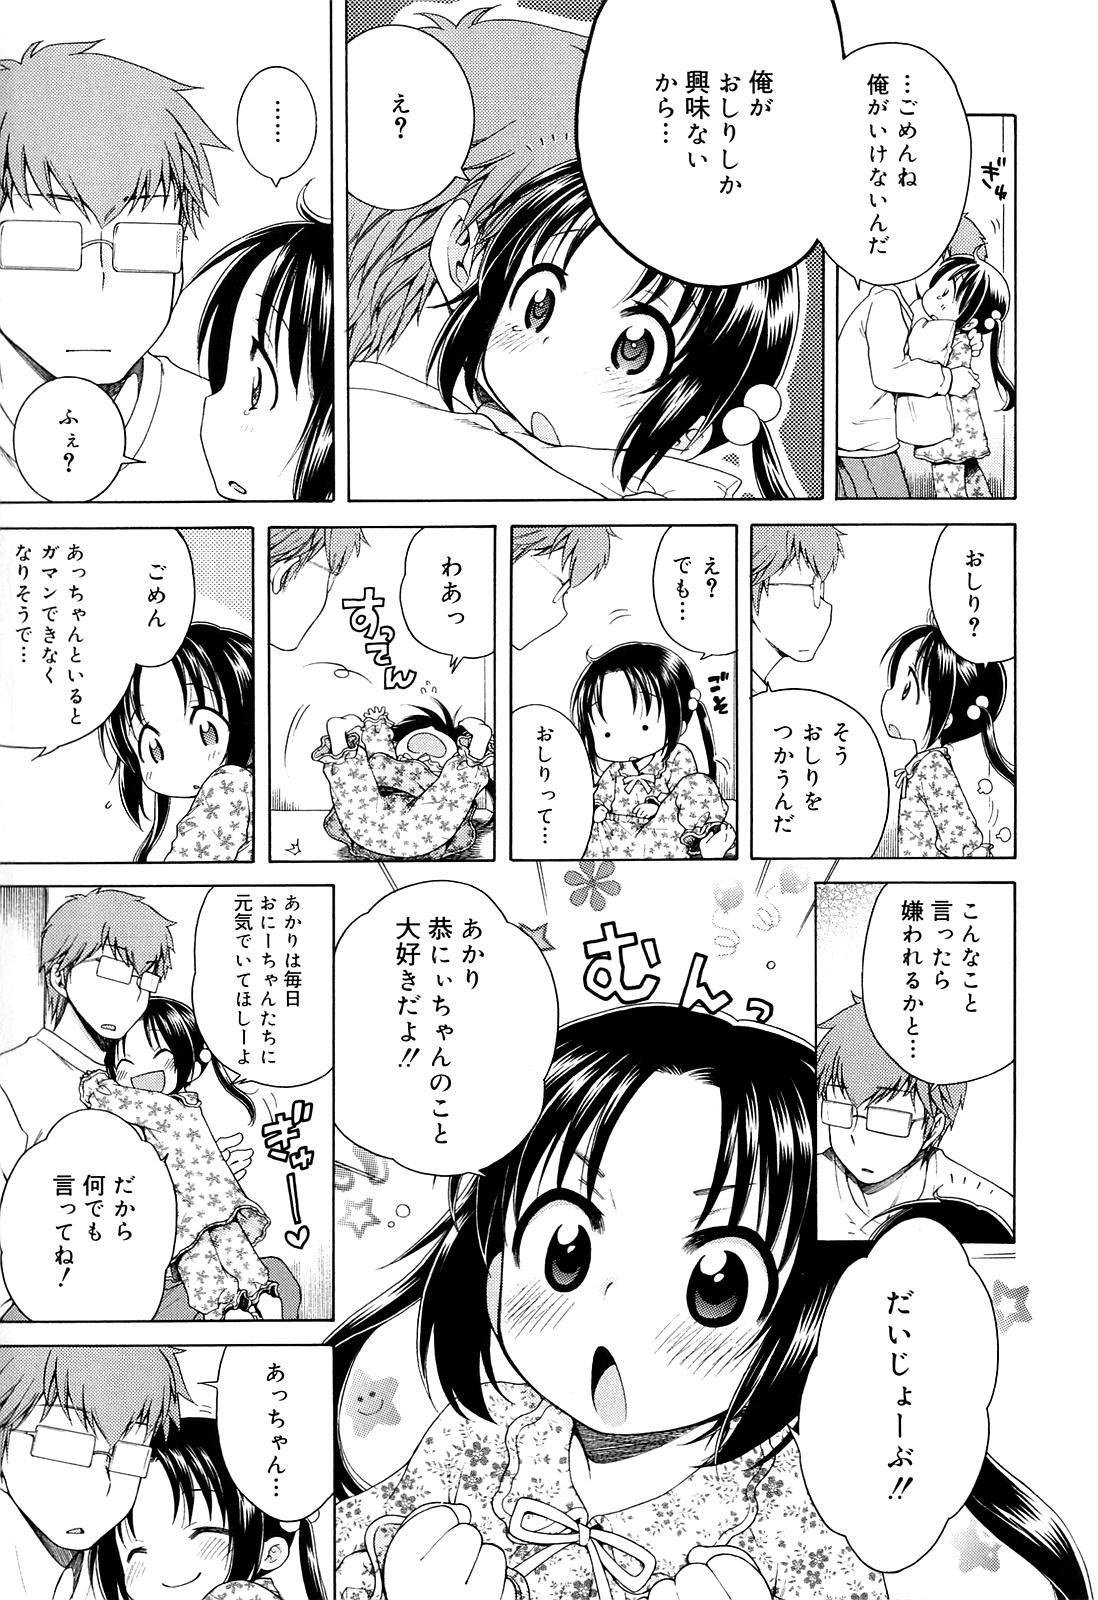 Tsukimisou no Akari 78